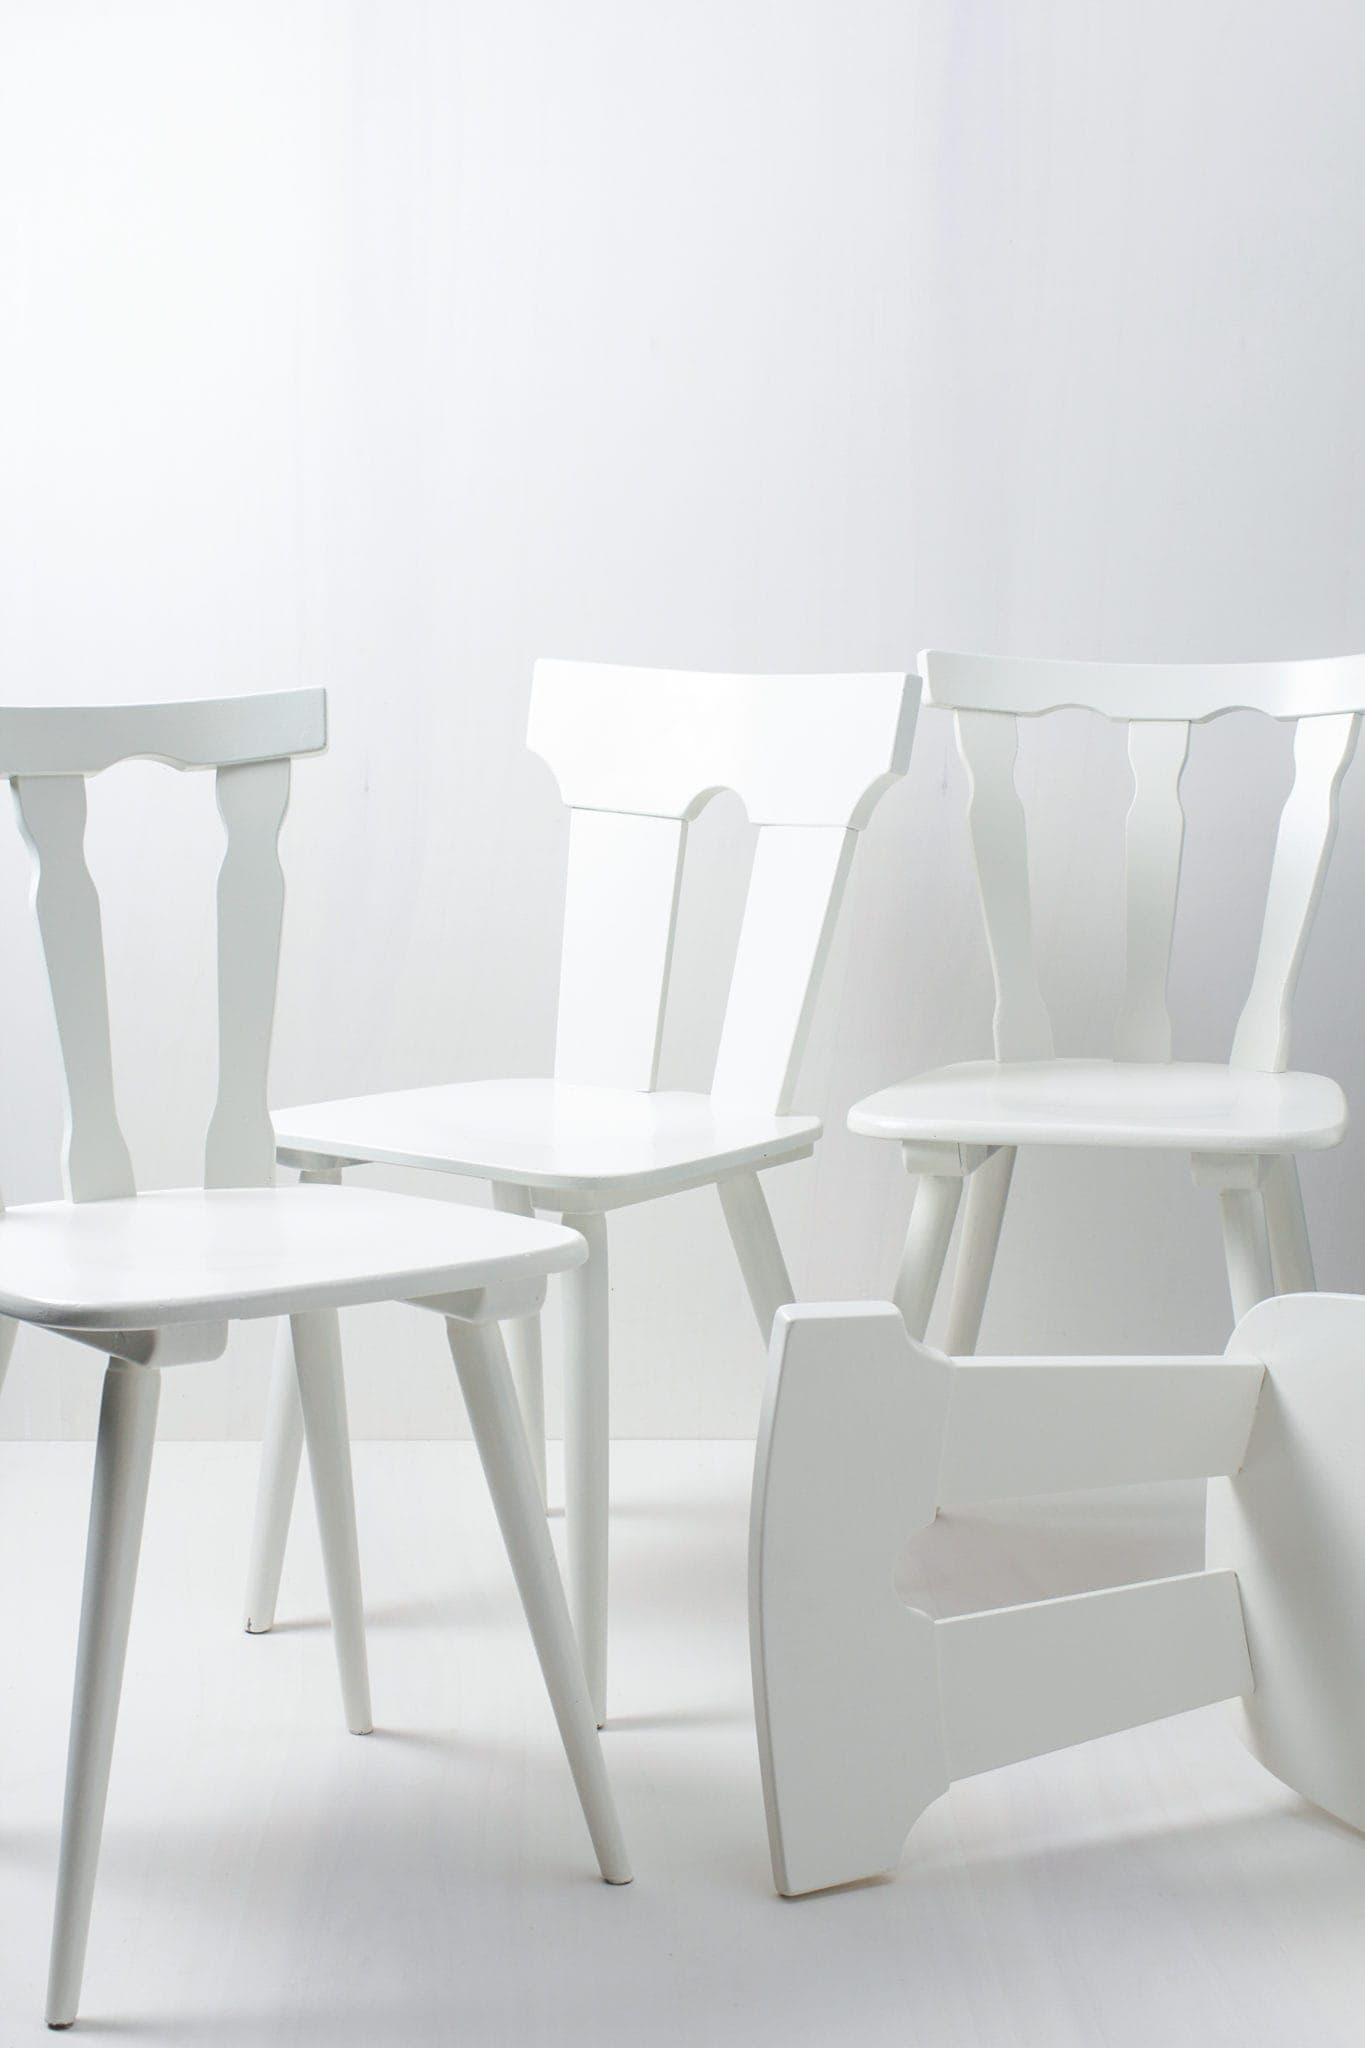 Diese vintage mismatching Holzstühle verschönern jede Tafel. Durch ihre individuellen Formen und Designs ergibt sich ein einmaliges aber stimmiges Bild auf ihrem Fest, der Hochzeit oder auf ihrem Event. Die Stühle sind in weiß seidenmatt lackiert.